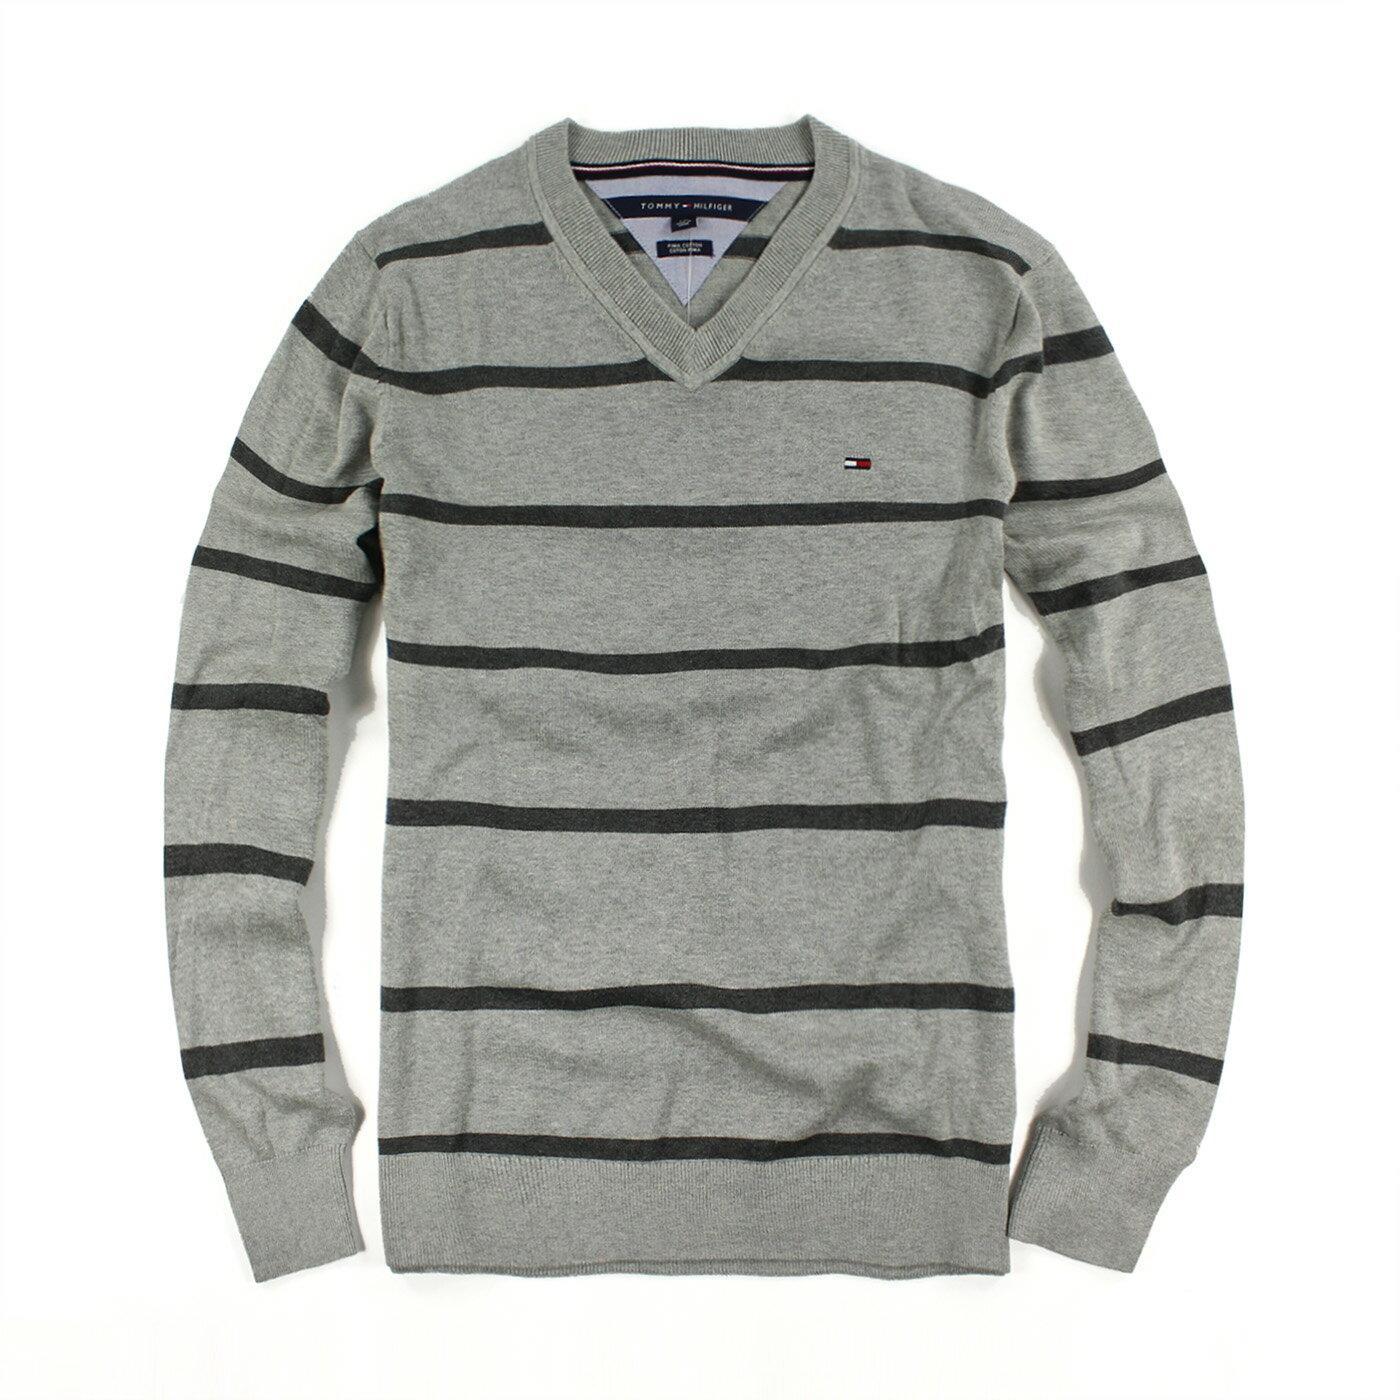 美國百分百【Tommy Hilfiger】針織衫 TH 線衫 毛衣 條紋 V領 休閒 灰色 深灰 L號 F979